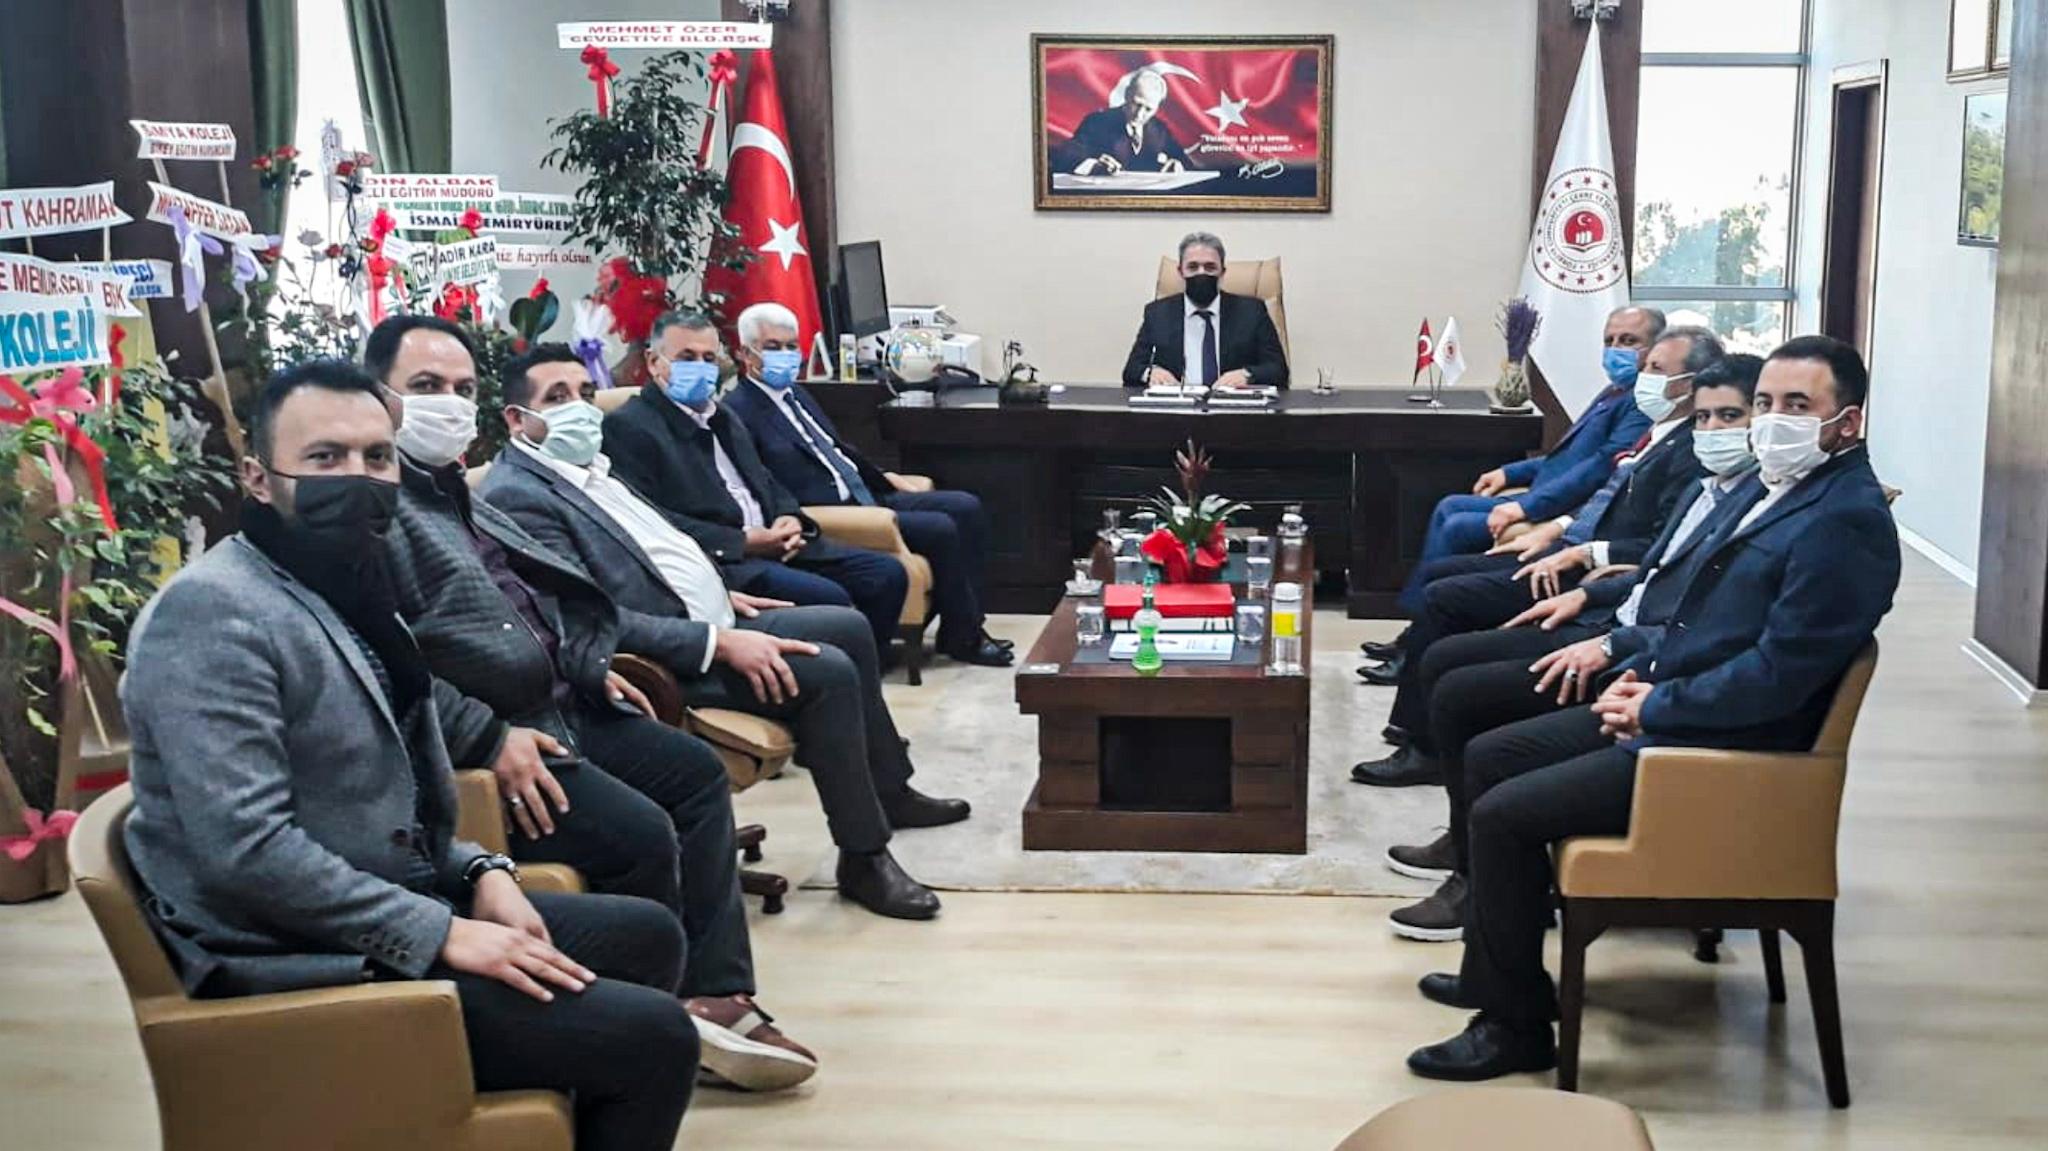 Ellek Belediye Başkanı Abbas YEŞİLDEMİR, Düziçi AKP İlçe Başkanı Mehmet ÇİLLEM ve Düziçi AKP İlçe Teşkilatı,…